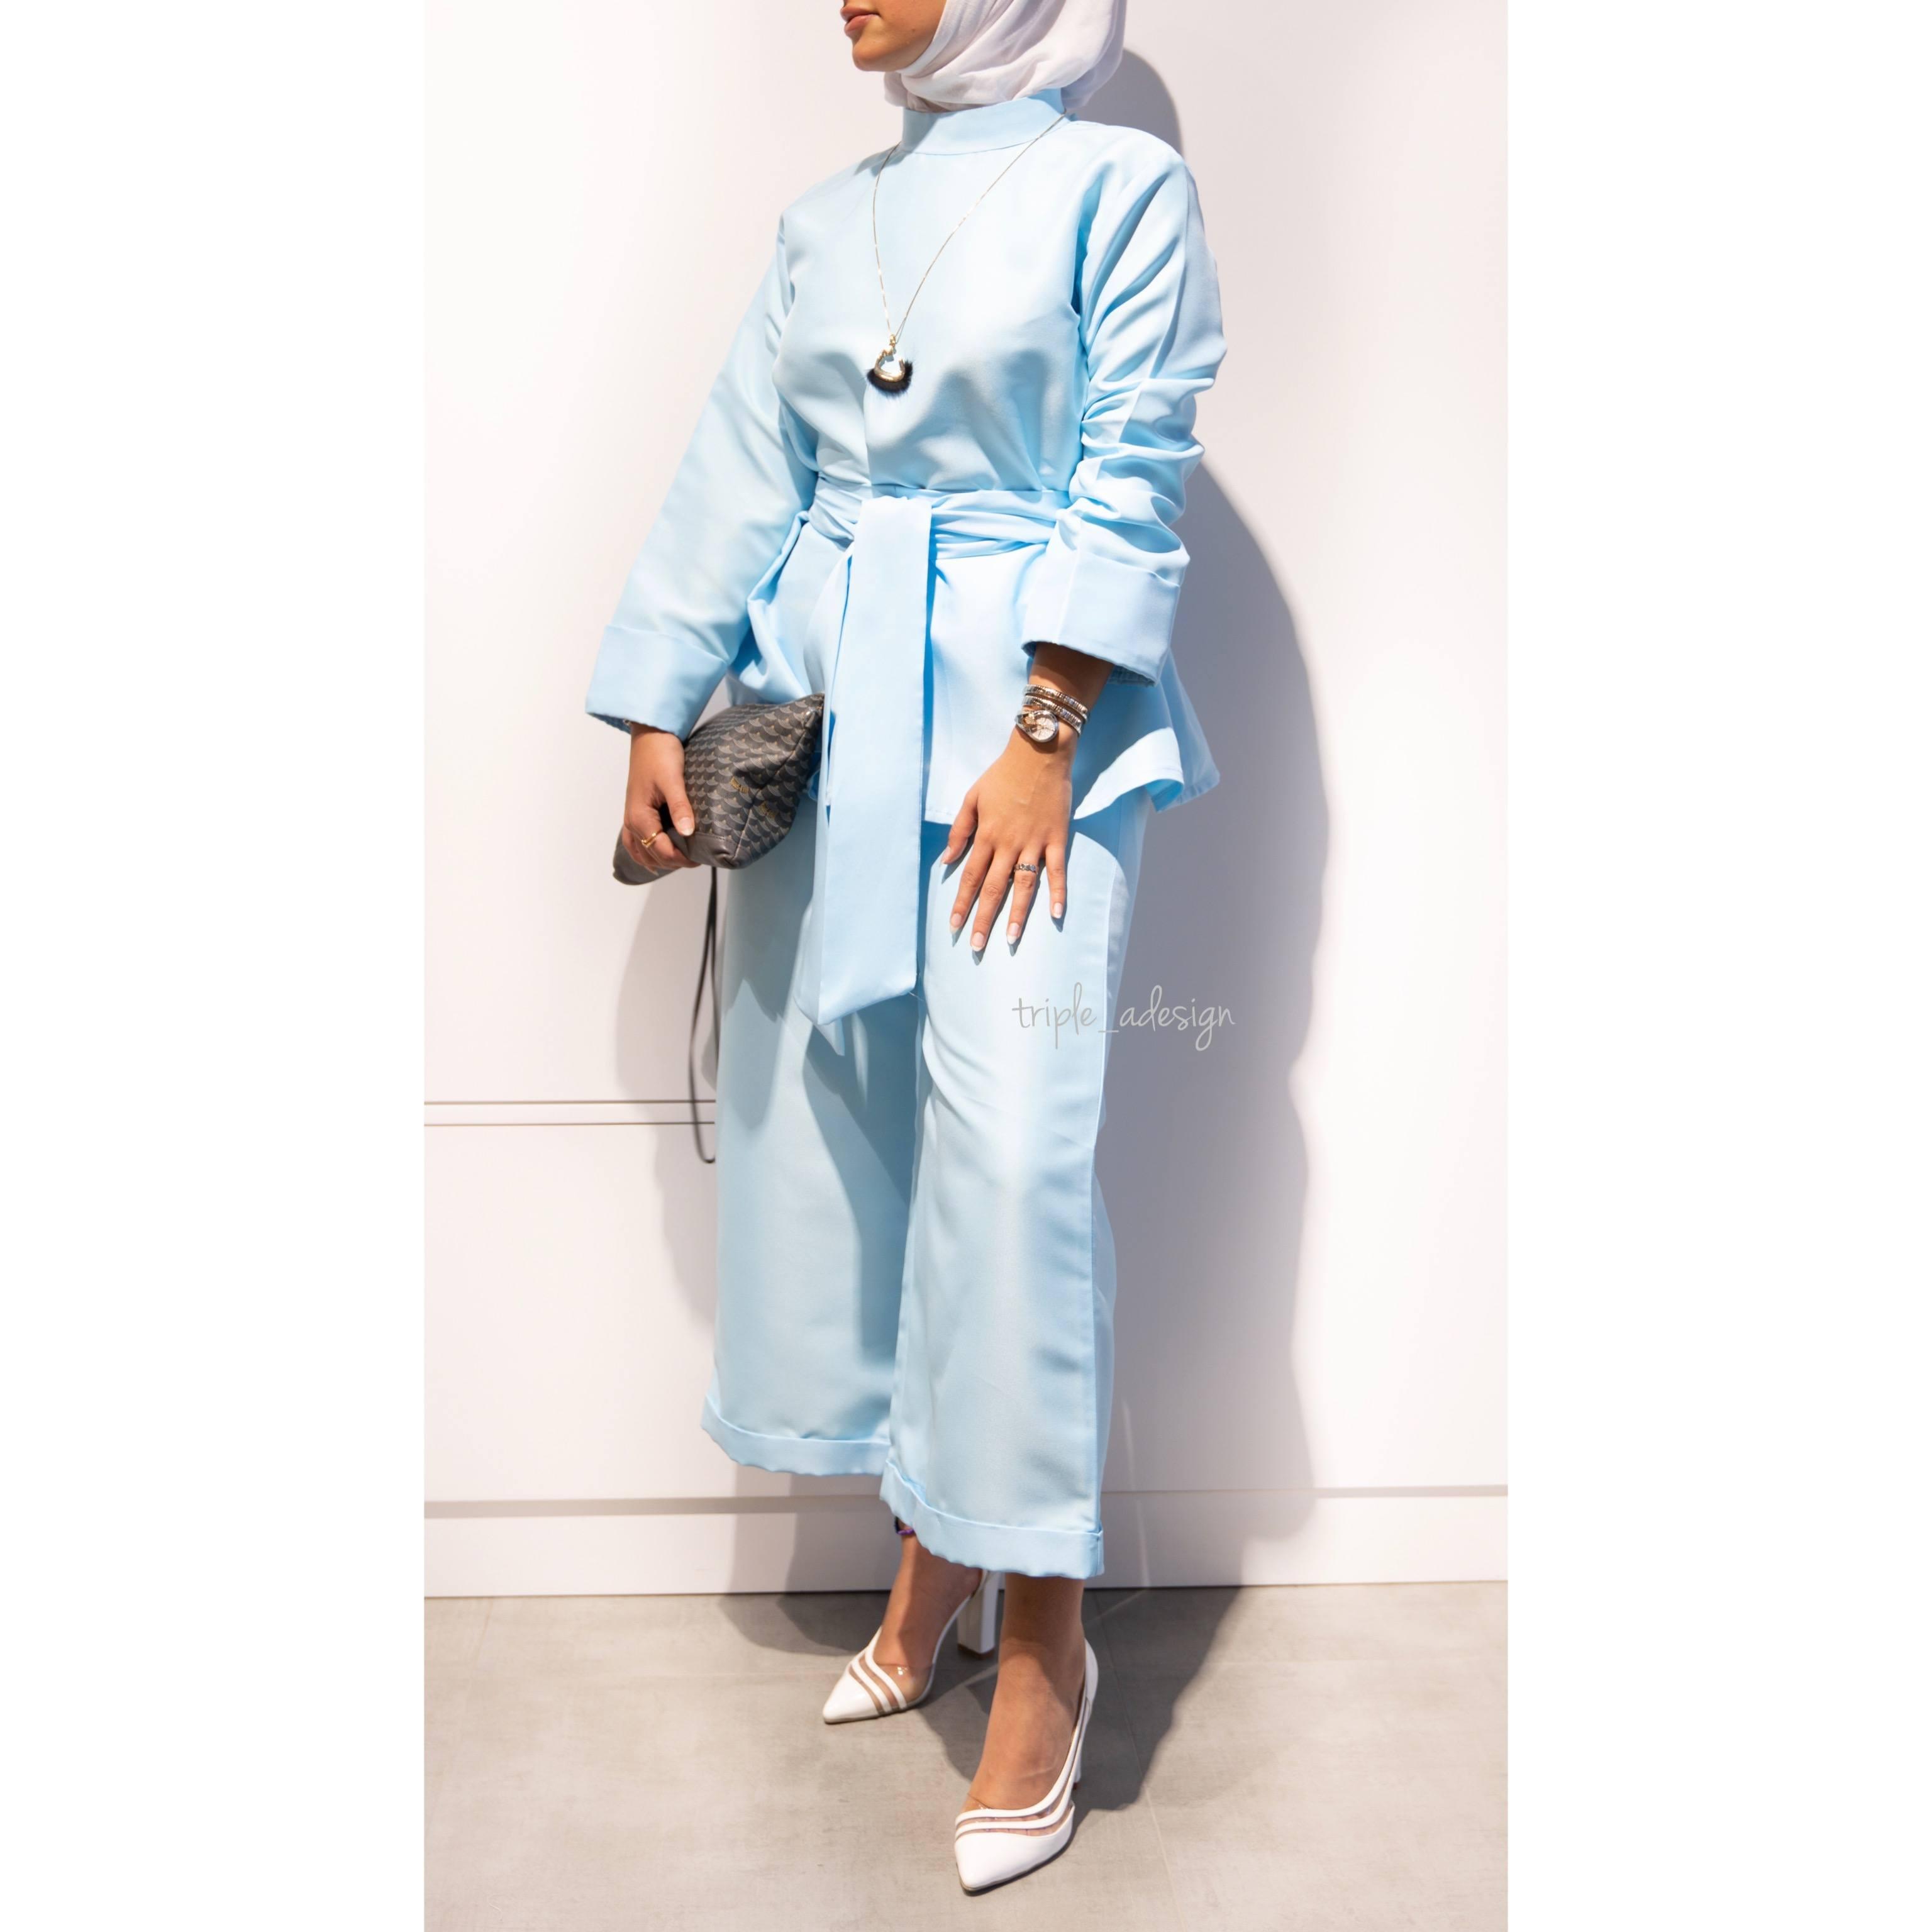 Baby blue suit